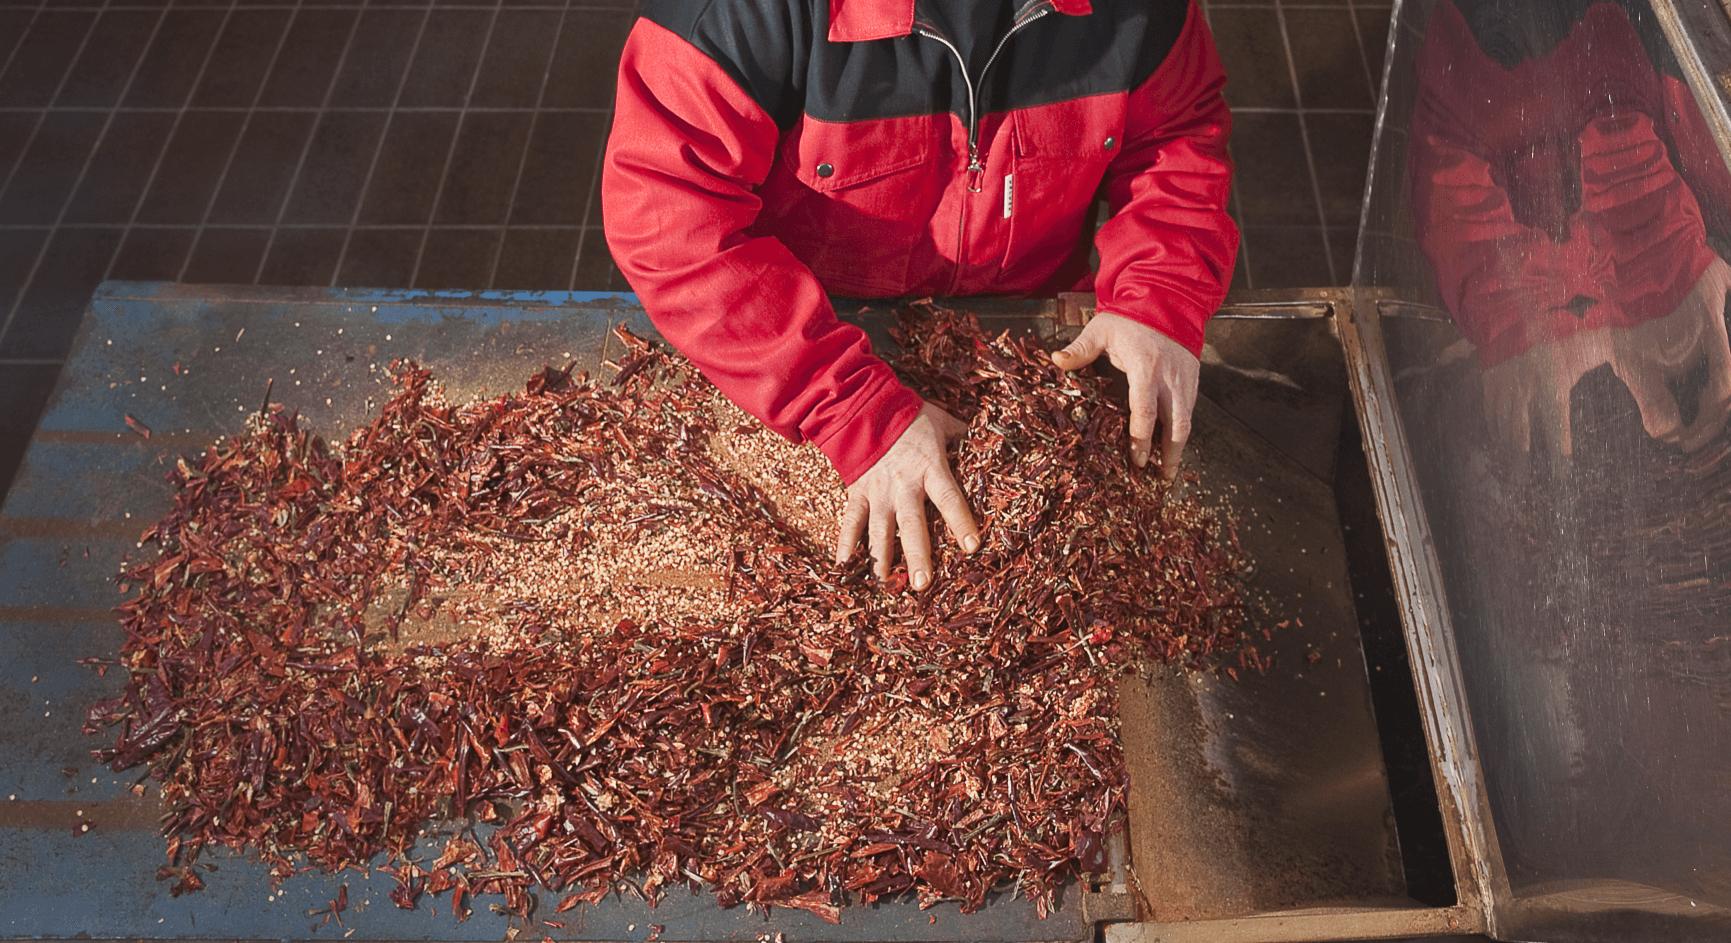 Saját őrlőüzemmel oldotta meg a fűszerpaprika-termelését Tiszaszentimre